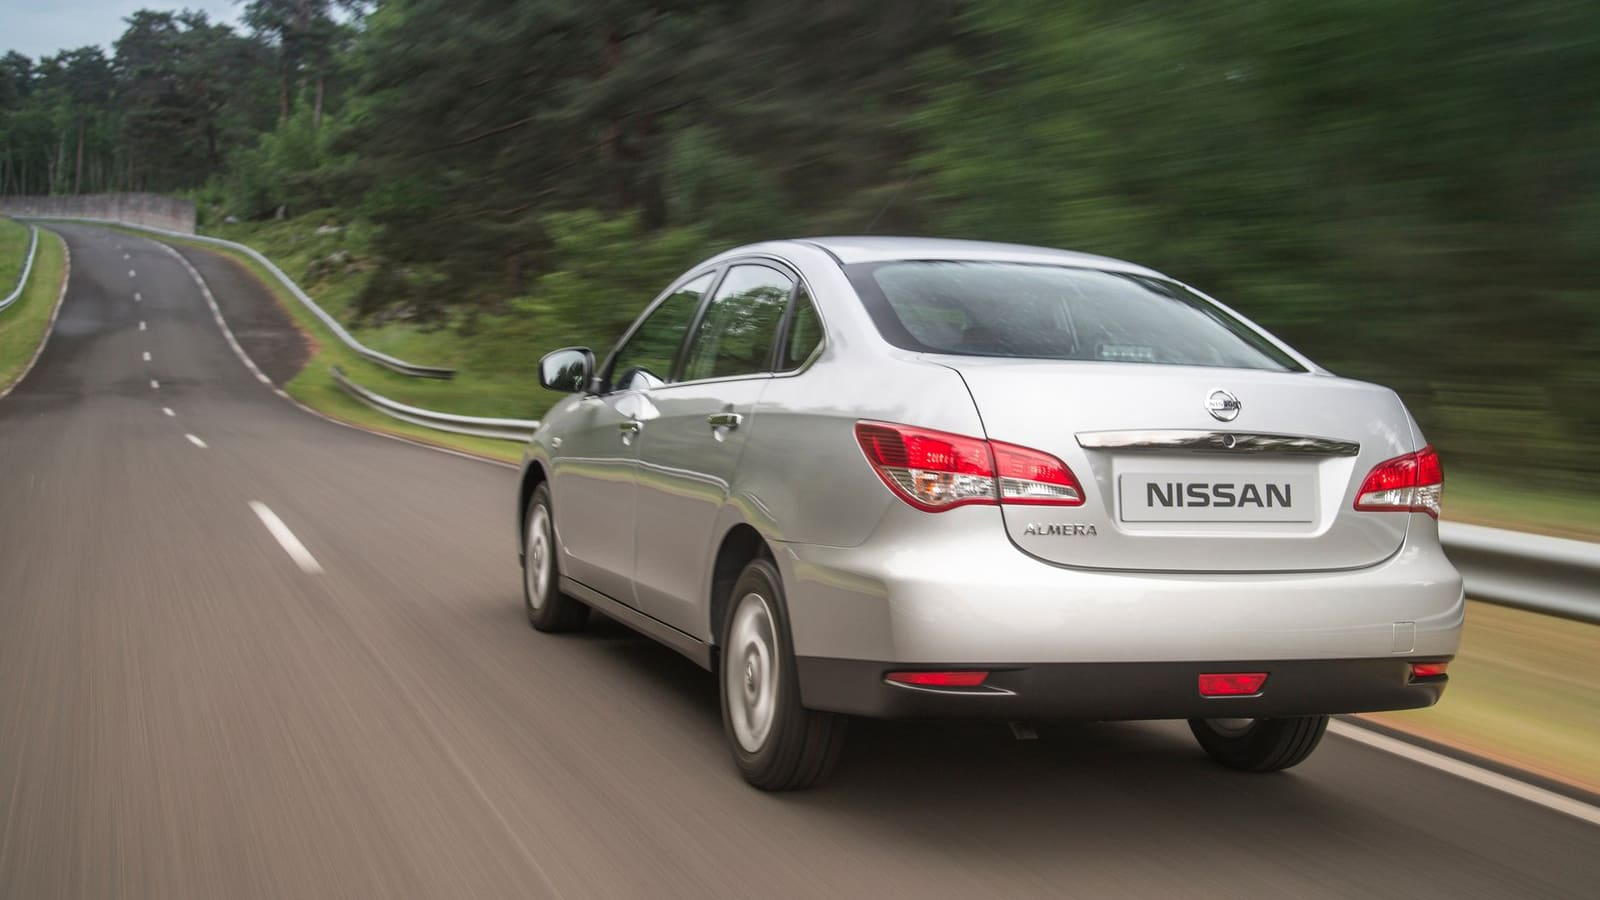 Nissan-Almera-v-dvizenii